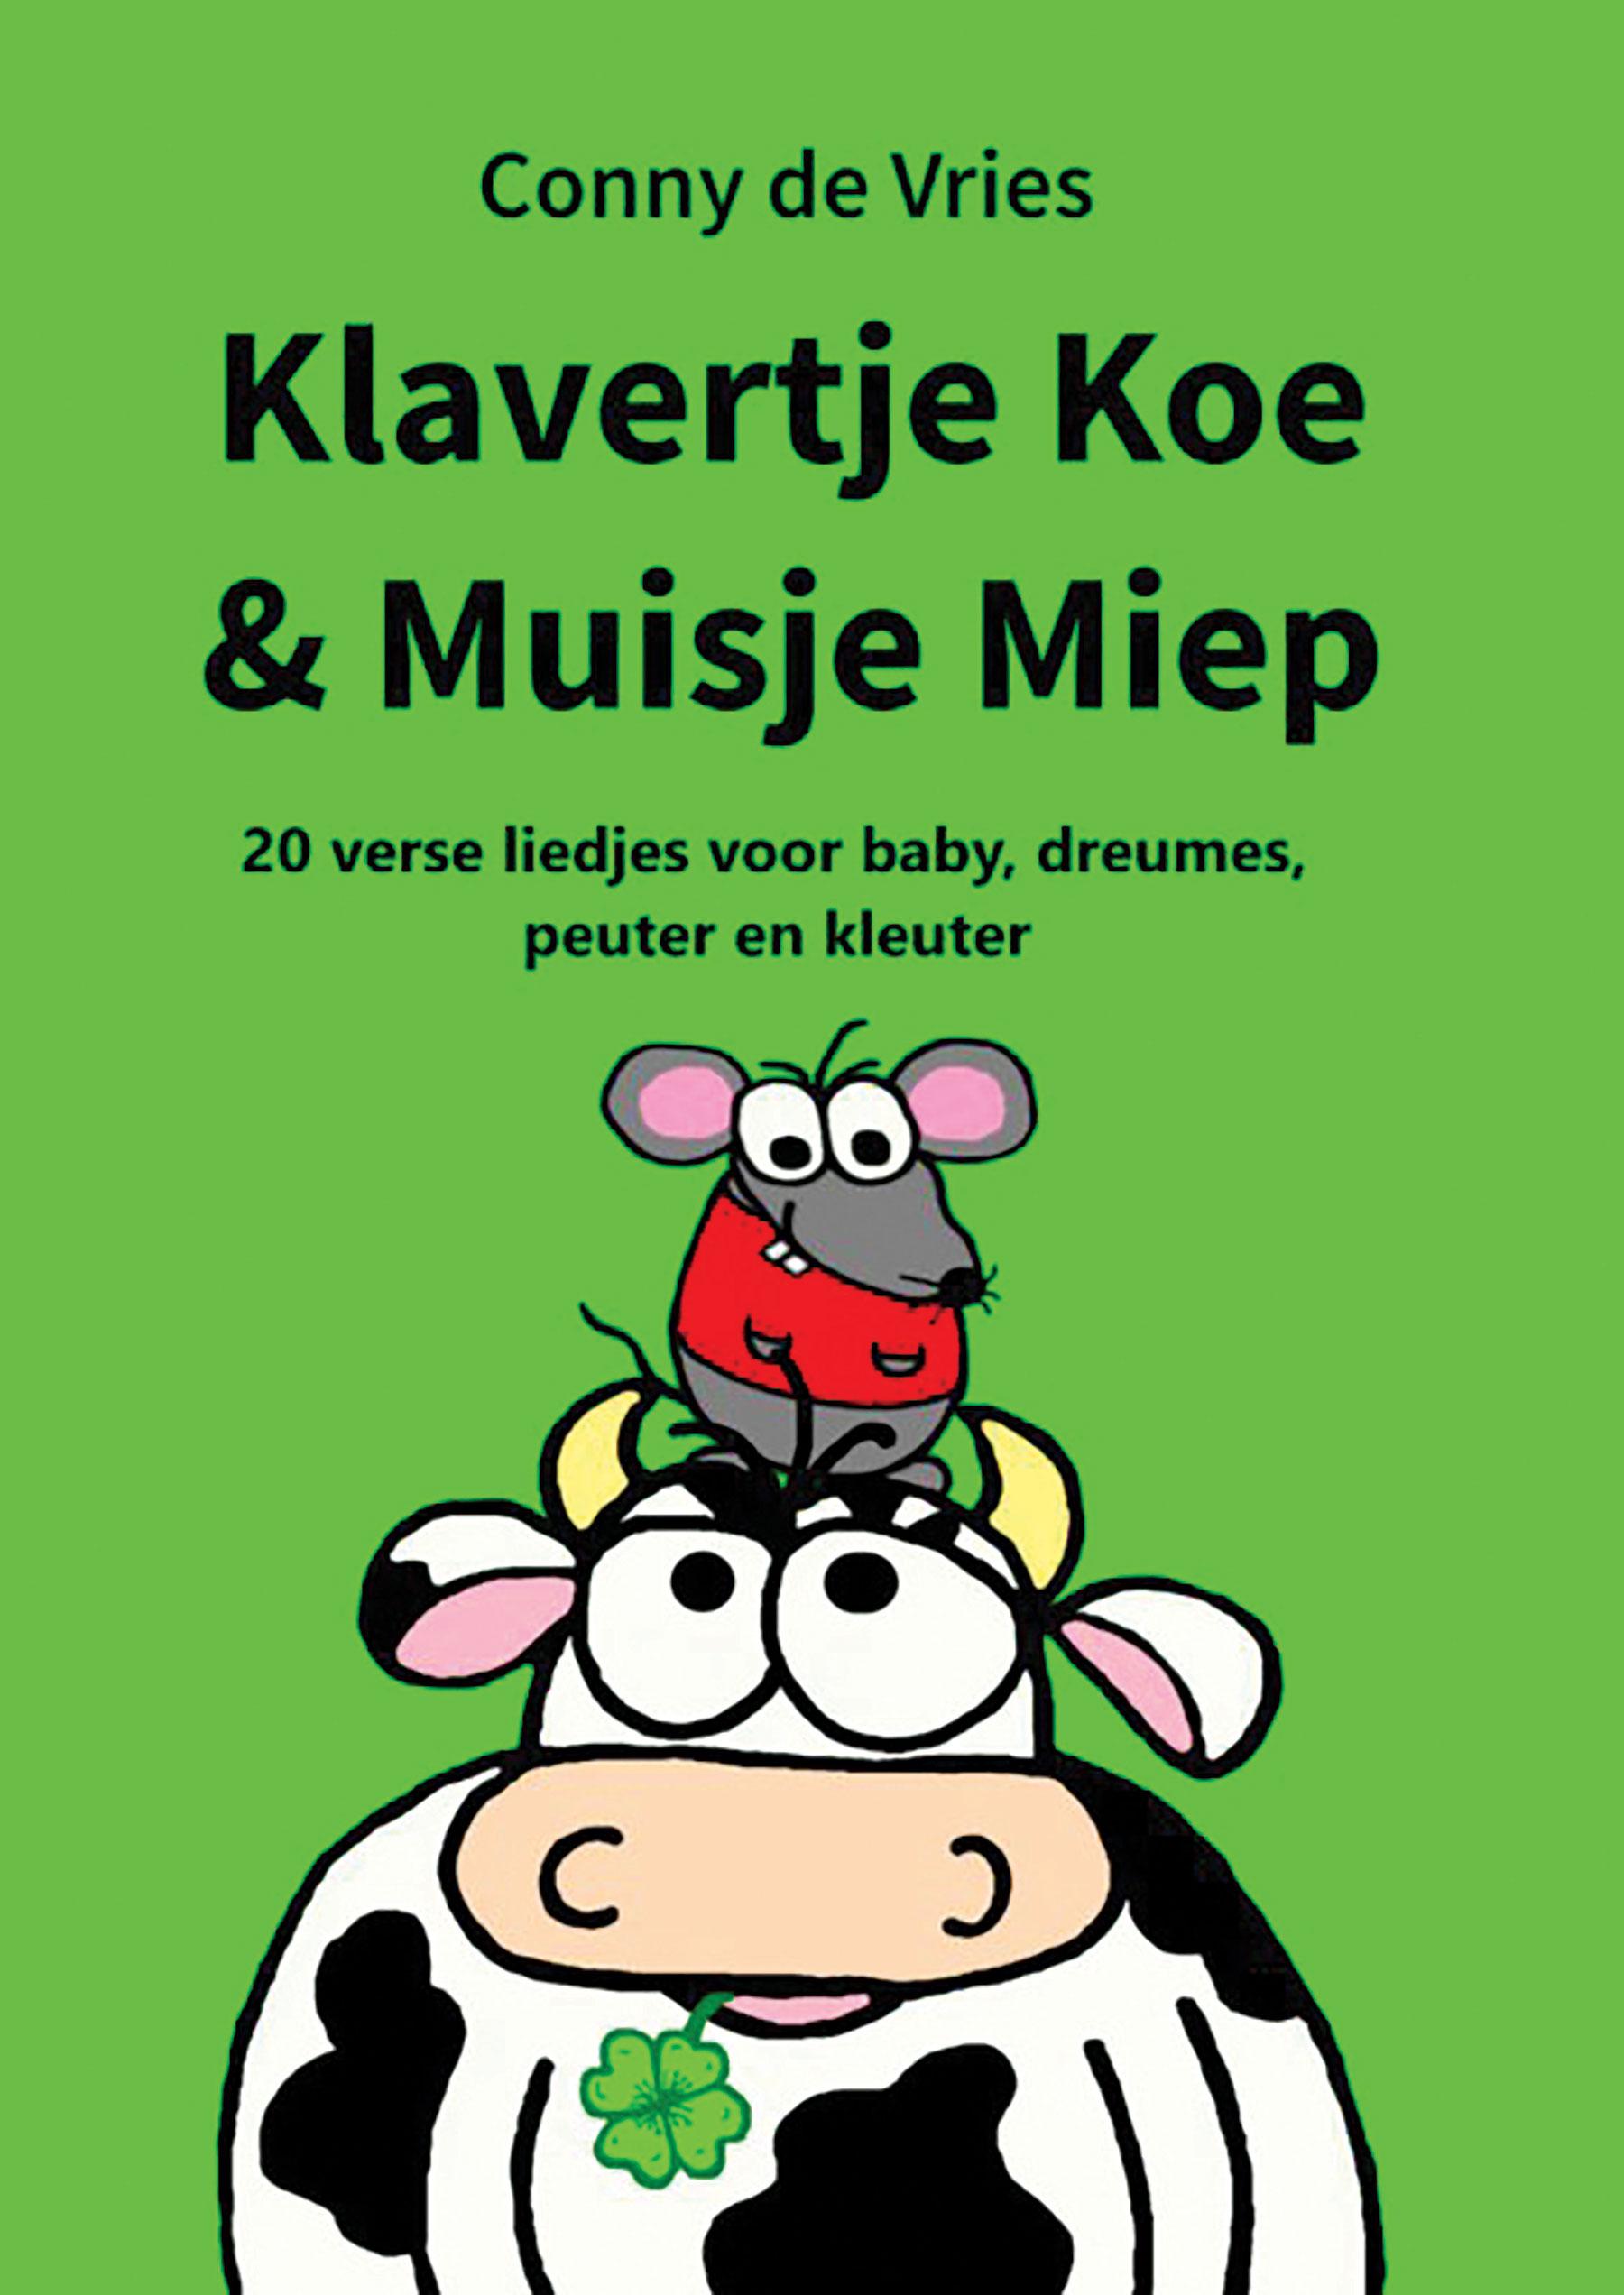 coverafbeelding van Klavertje Koe & Muisje Miep. © Conny de Vries